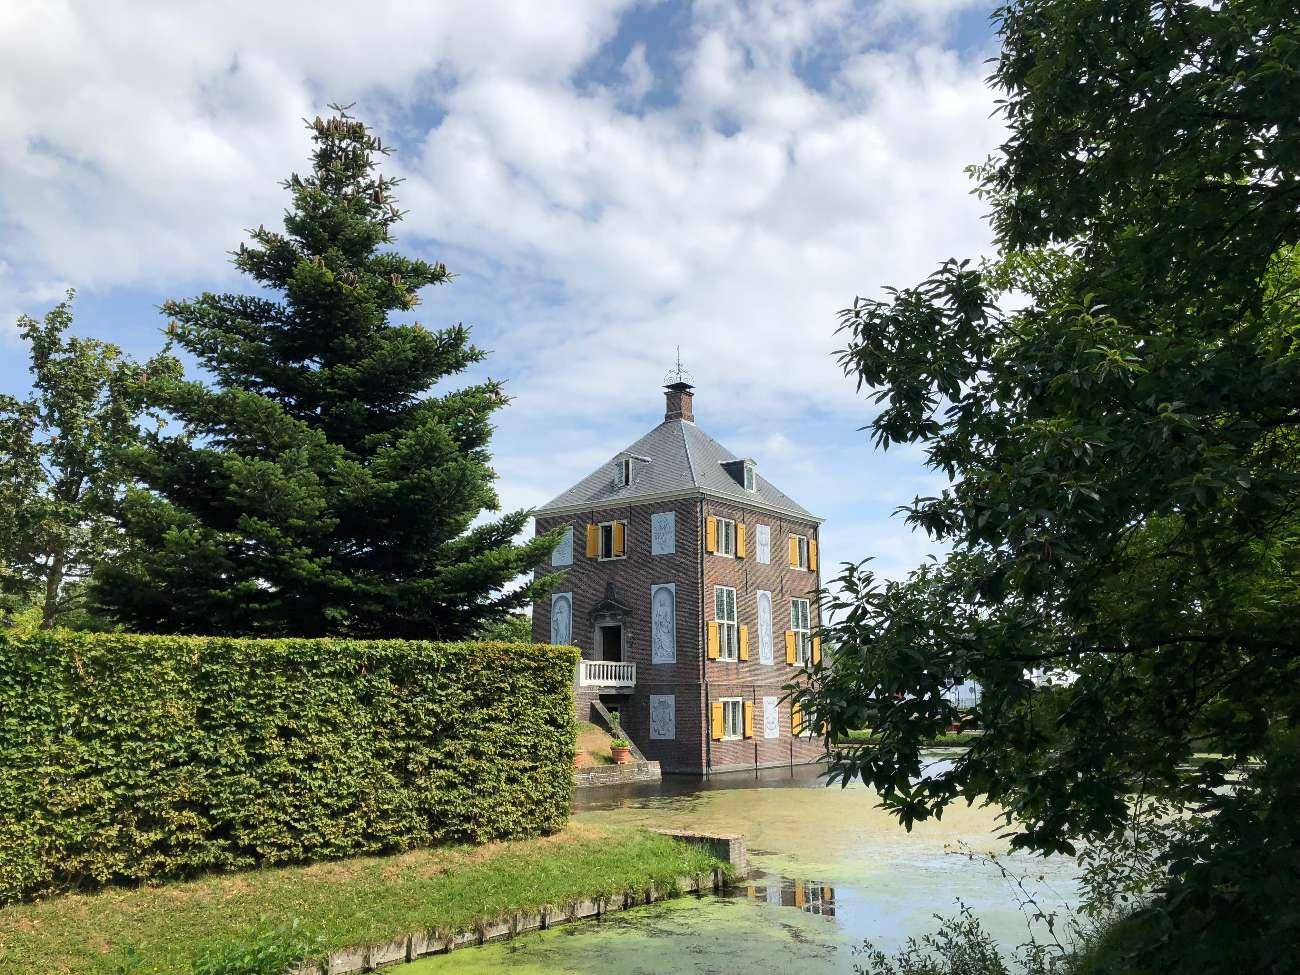 Das Landgut Huygens Hofwijck in Voorburg war Wohnsitz der begnateten Wissenschatler Constantijn und Christiaan Huygens